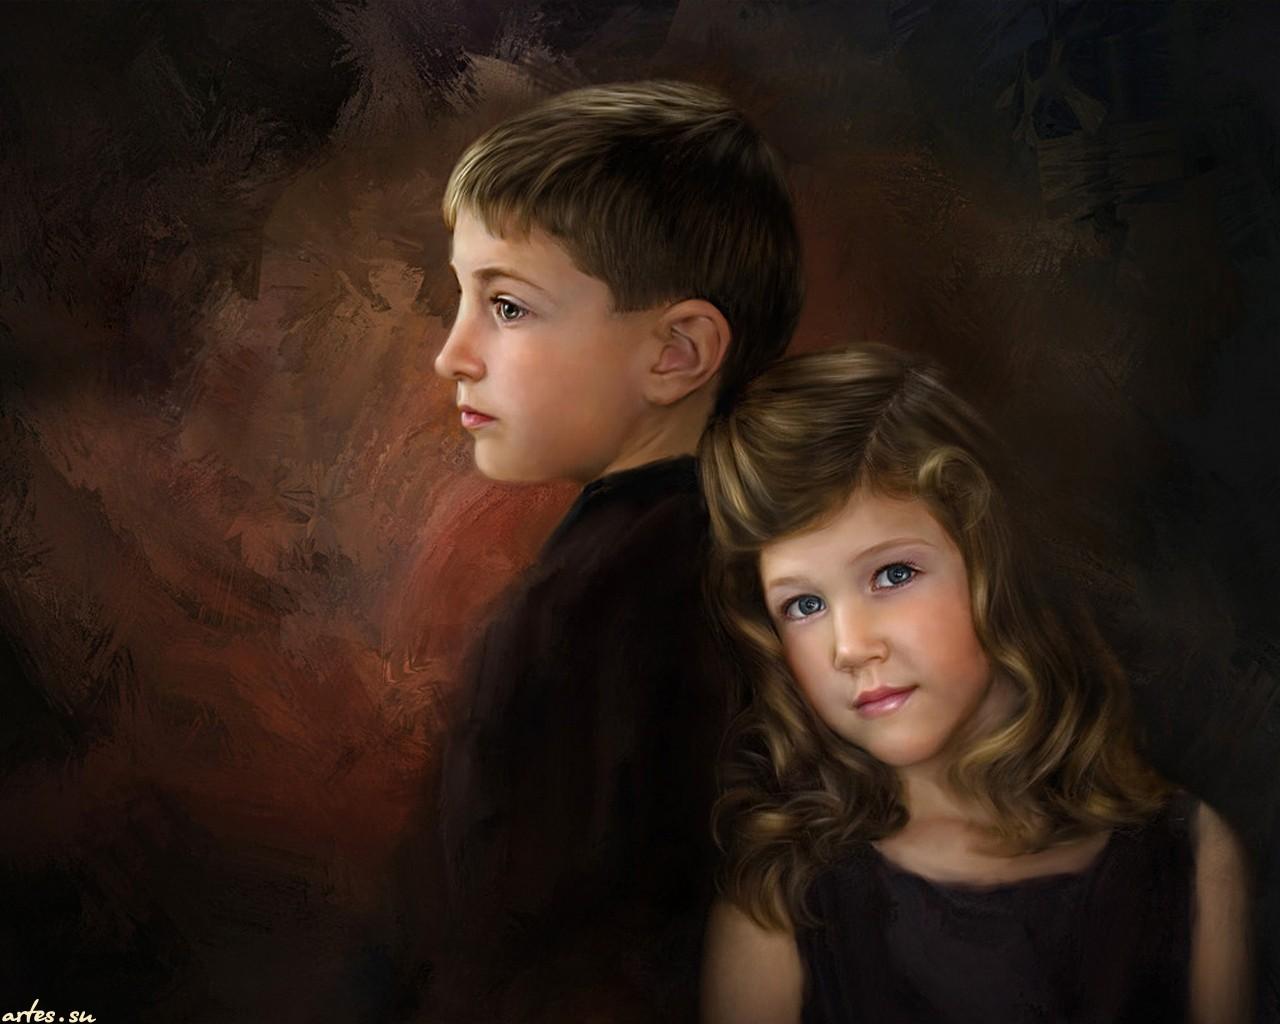 Старший брат трахнул младшую сестру 18 фотография